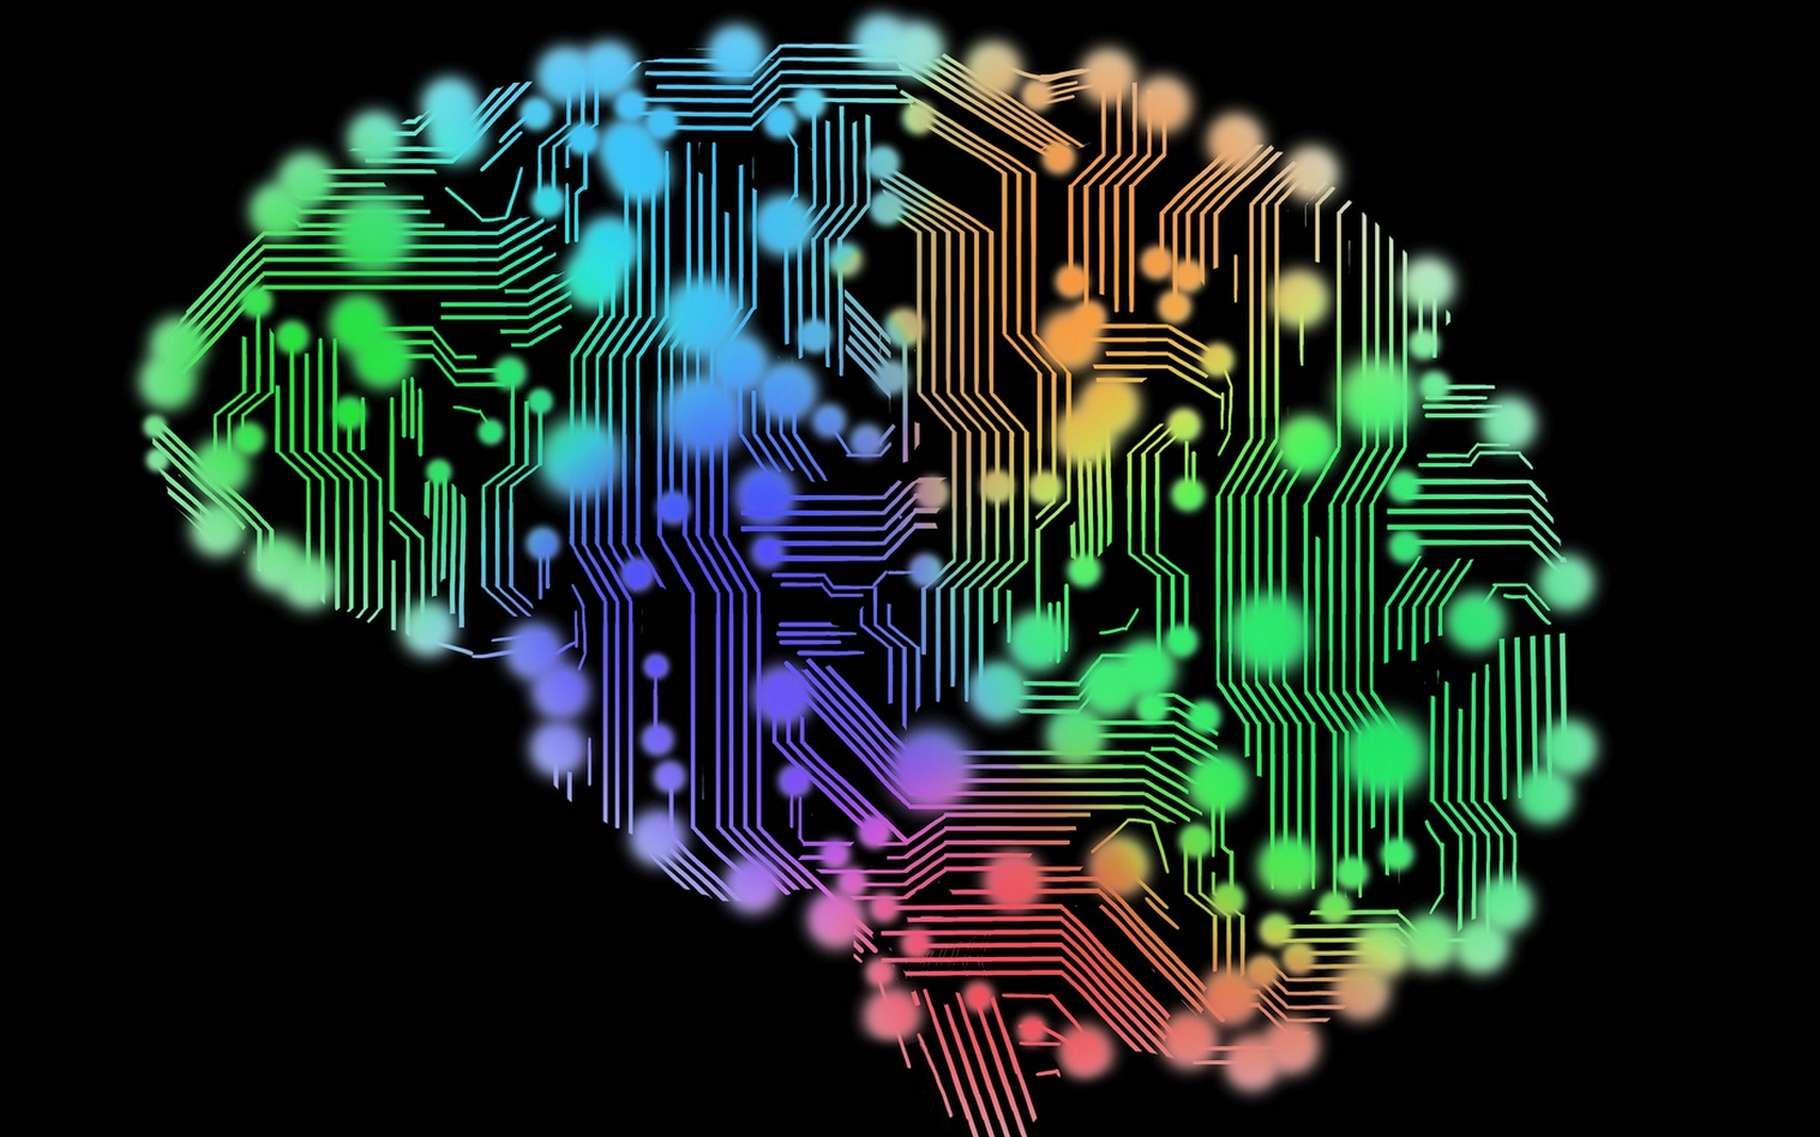 Avec Neuralink, sa nouvelle entreprise, Elon Musk ambitionne de créer une interface la plus directe possible entre le cerveau humain et les ordinateurs. © Peshkova, Fotolia